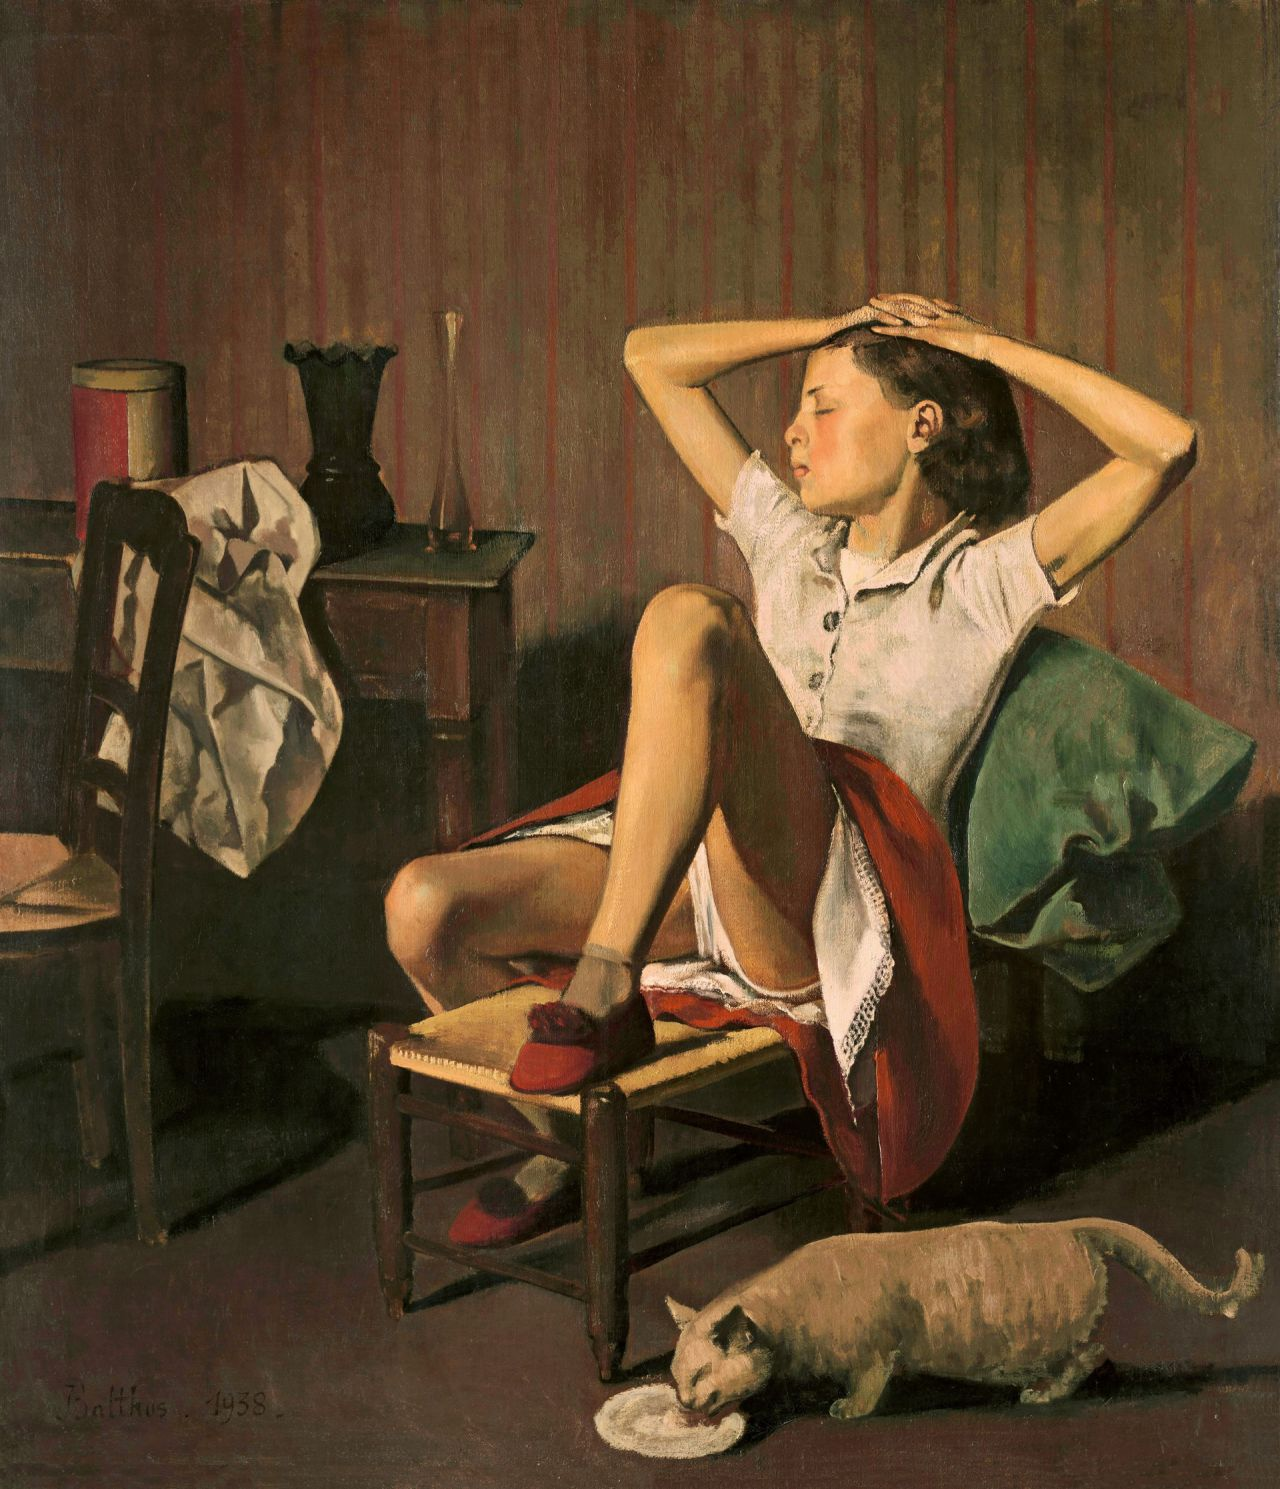 'Therese soñando', una de las pinturas de Balthus.